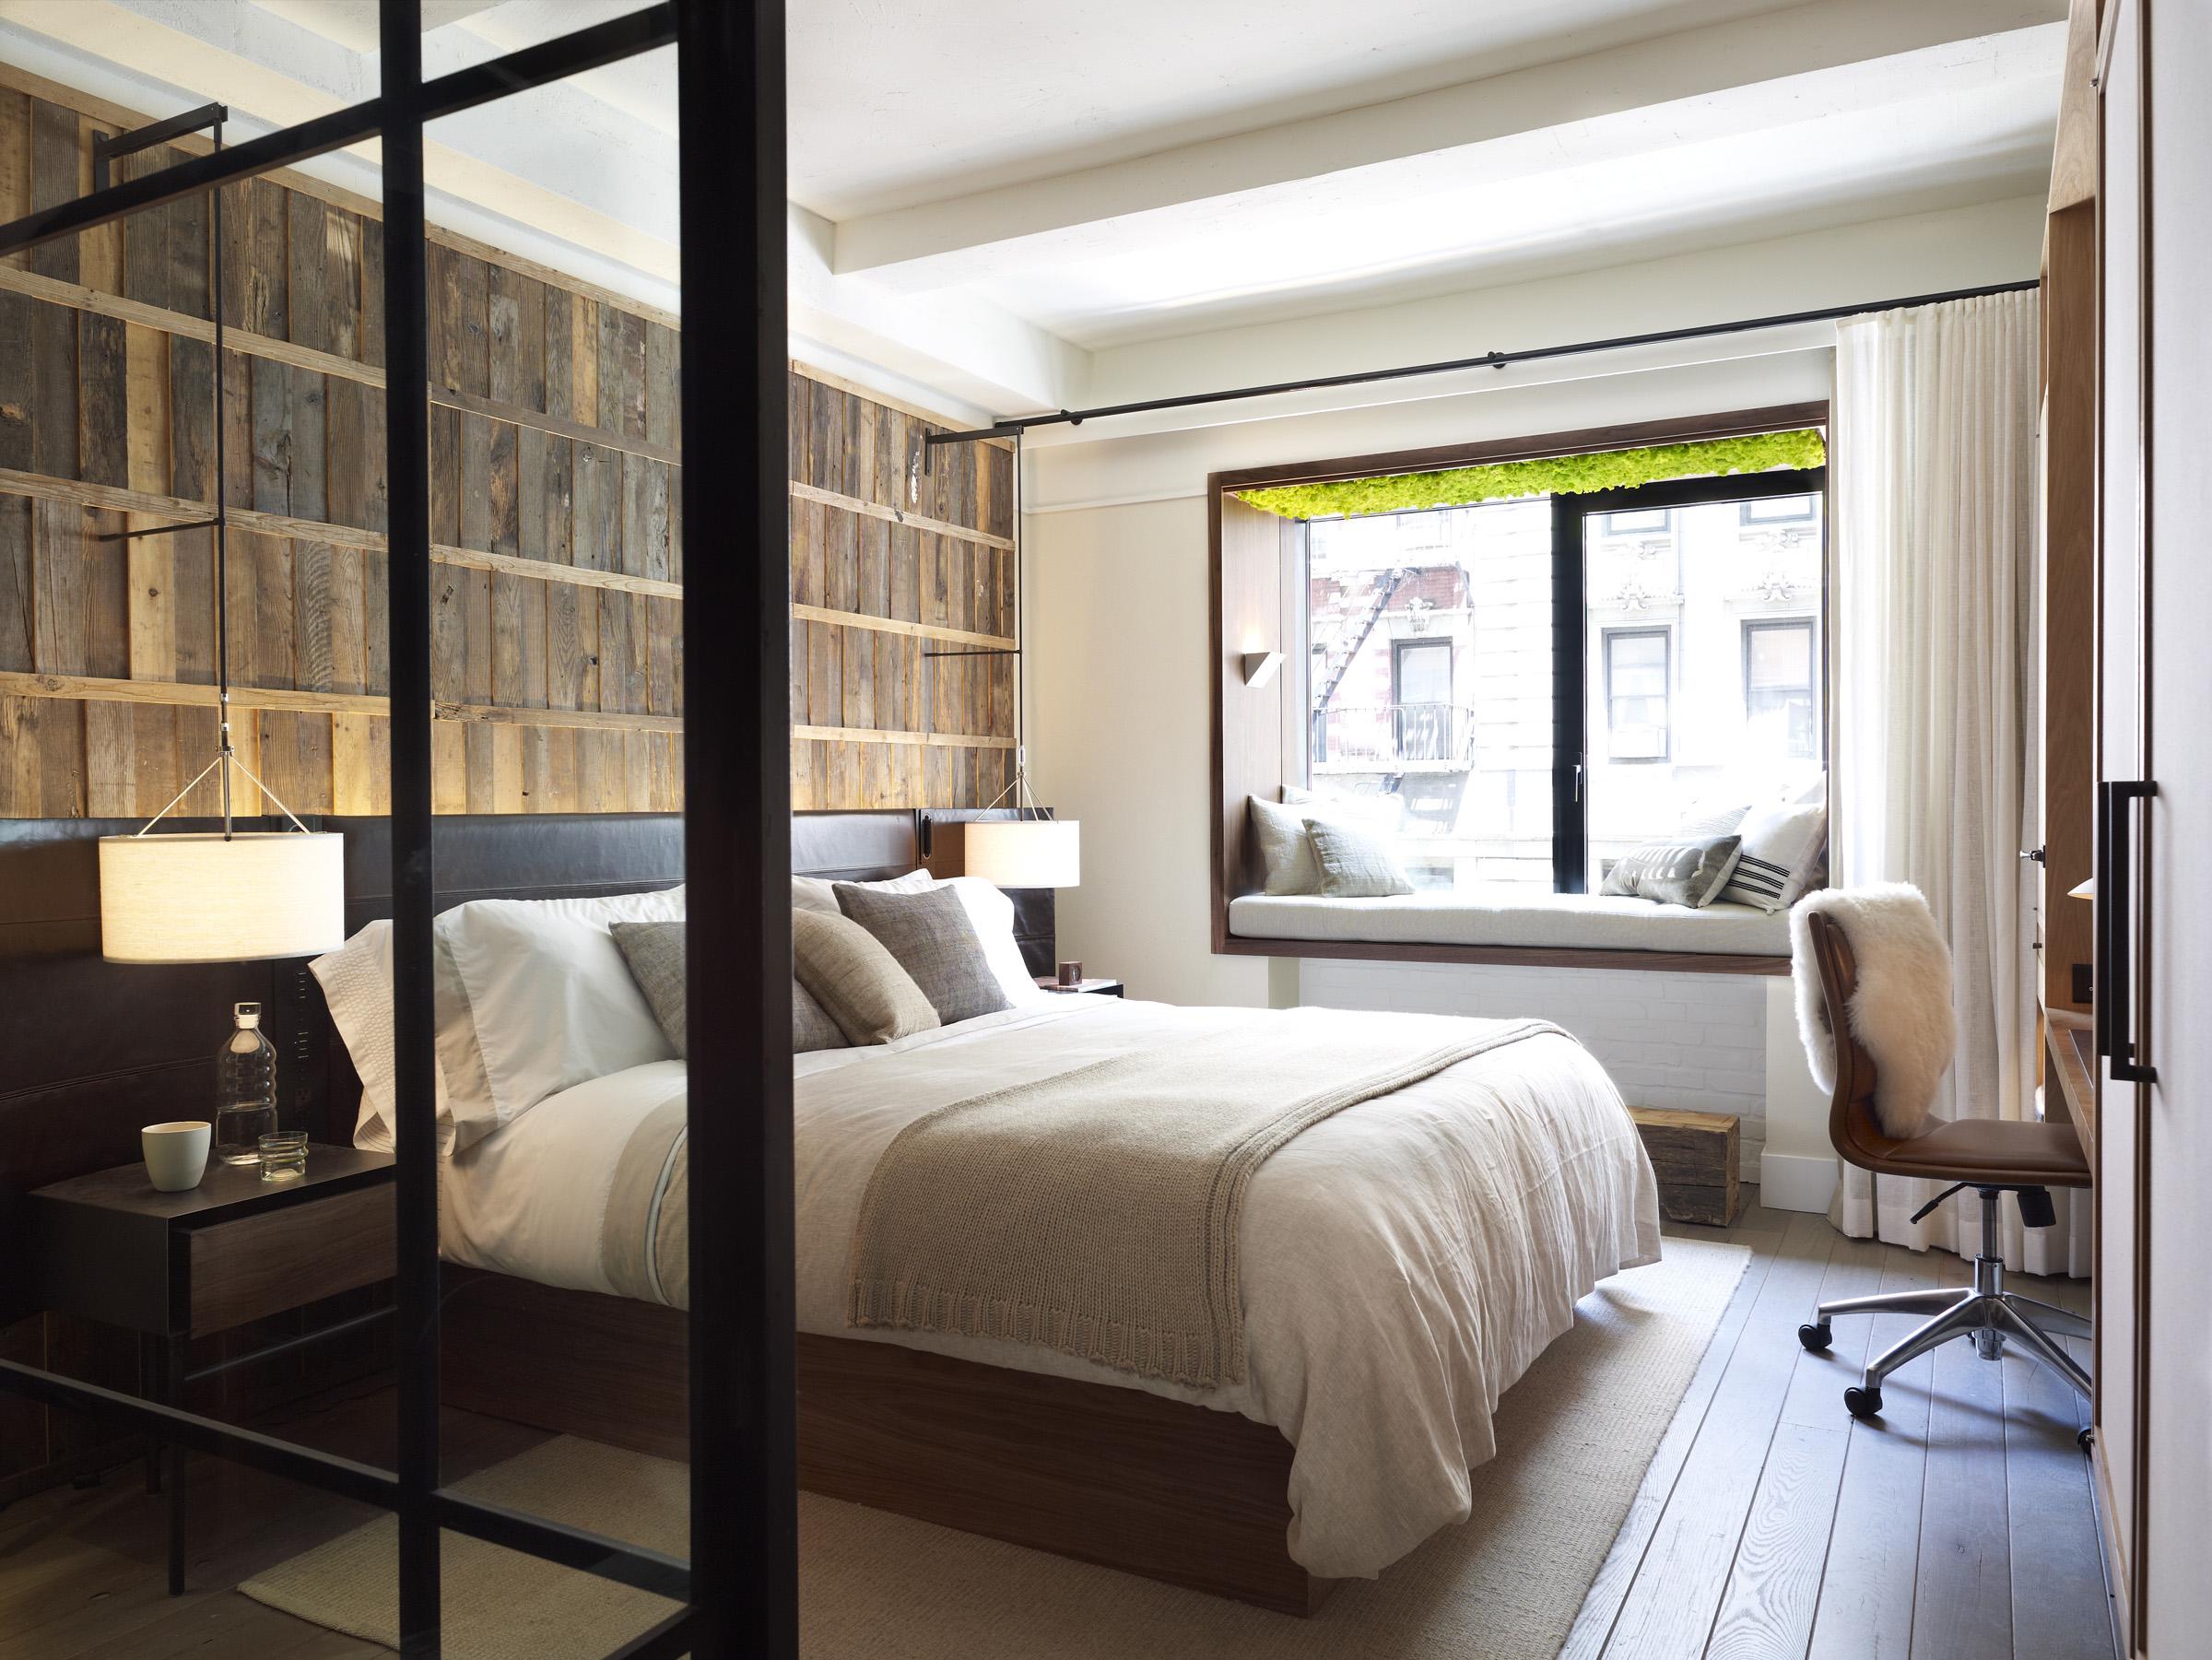 1 hotel bedroom v2.jpg